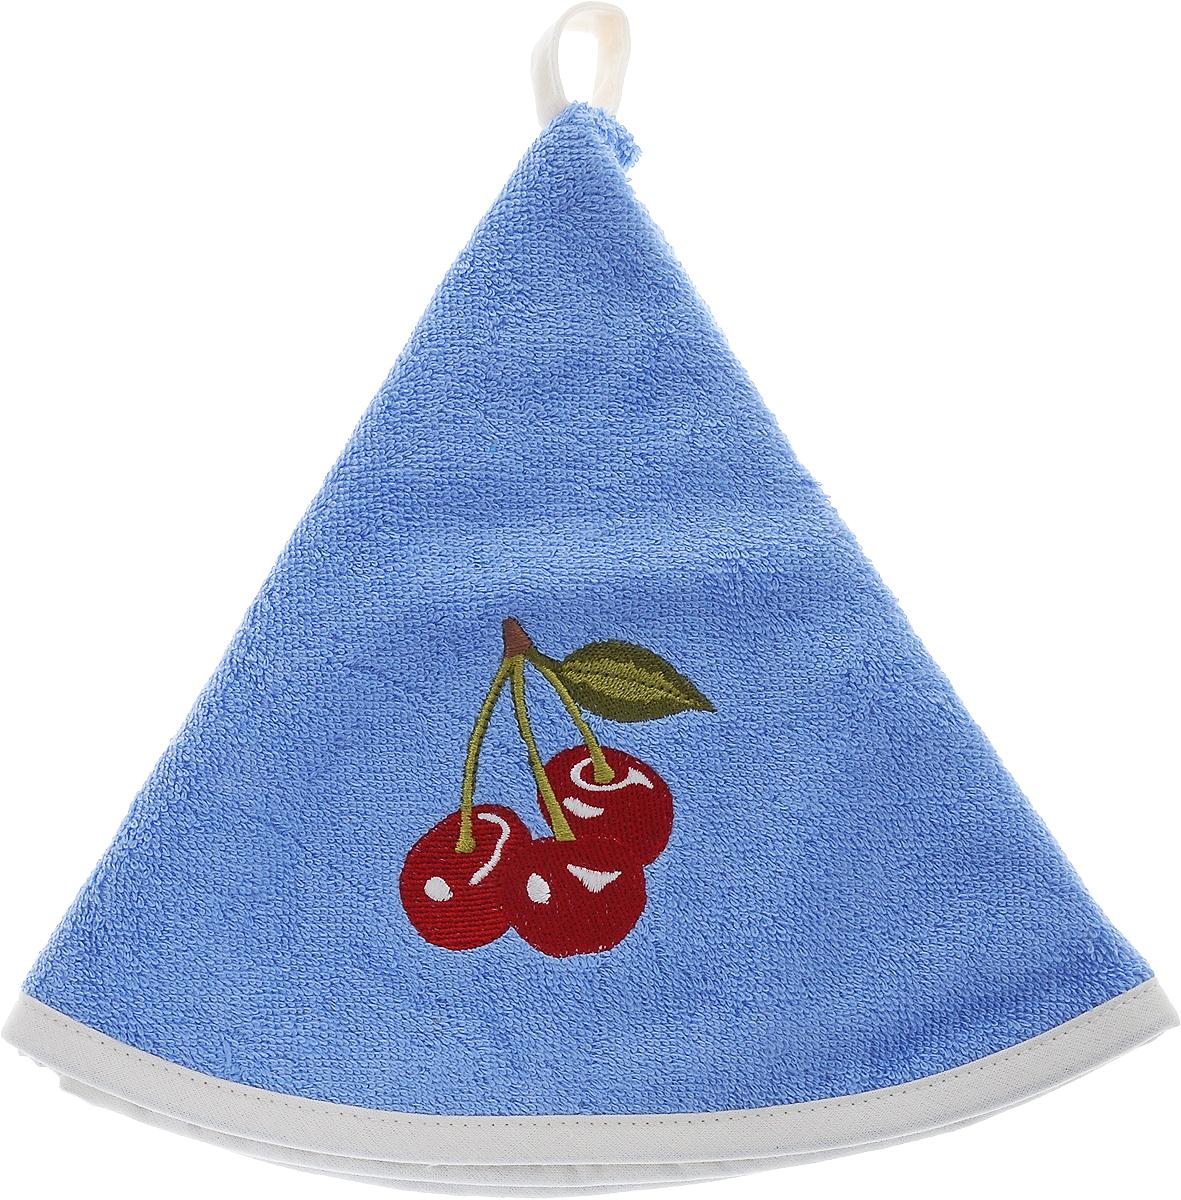 Полотенце кухонное Karna Zelina, цвет: светло-синий, диаметр 50 см504/CHAR004Круглое кухонное полотенце Karna Zelina изготовлено из махровой ткани (100% хлопок), поэтому является экологически чистым. Качество материала гарантирует безопасность не только взрослым, но и самым маленьким членам семьи. Изделие мягкое и приятное на ощупь, оснащено удобной петелькой и украшено оригинальной вышивкой. Полотенце хорошо впитывает влагу, легко стирается в стиральной машине и обладает высокой износоустойчивостью. Кухонное полотенце Karna Zelina сделает интерьер вашей кухни стильным и гармоничным.Диаметр полотенца: 50 см.